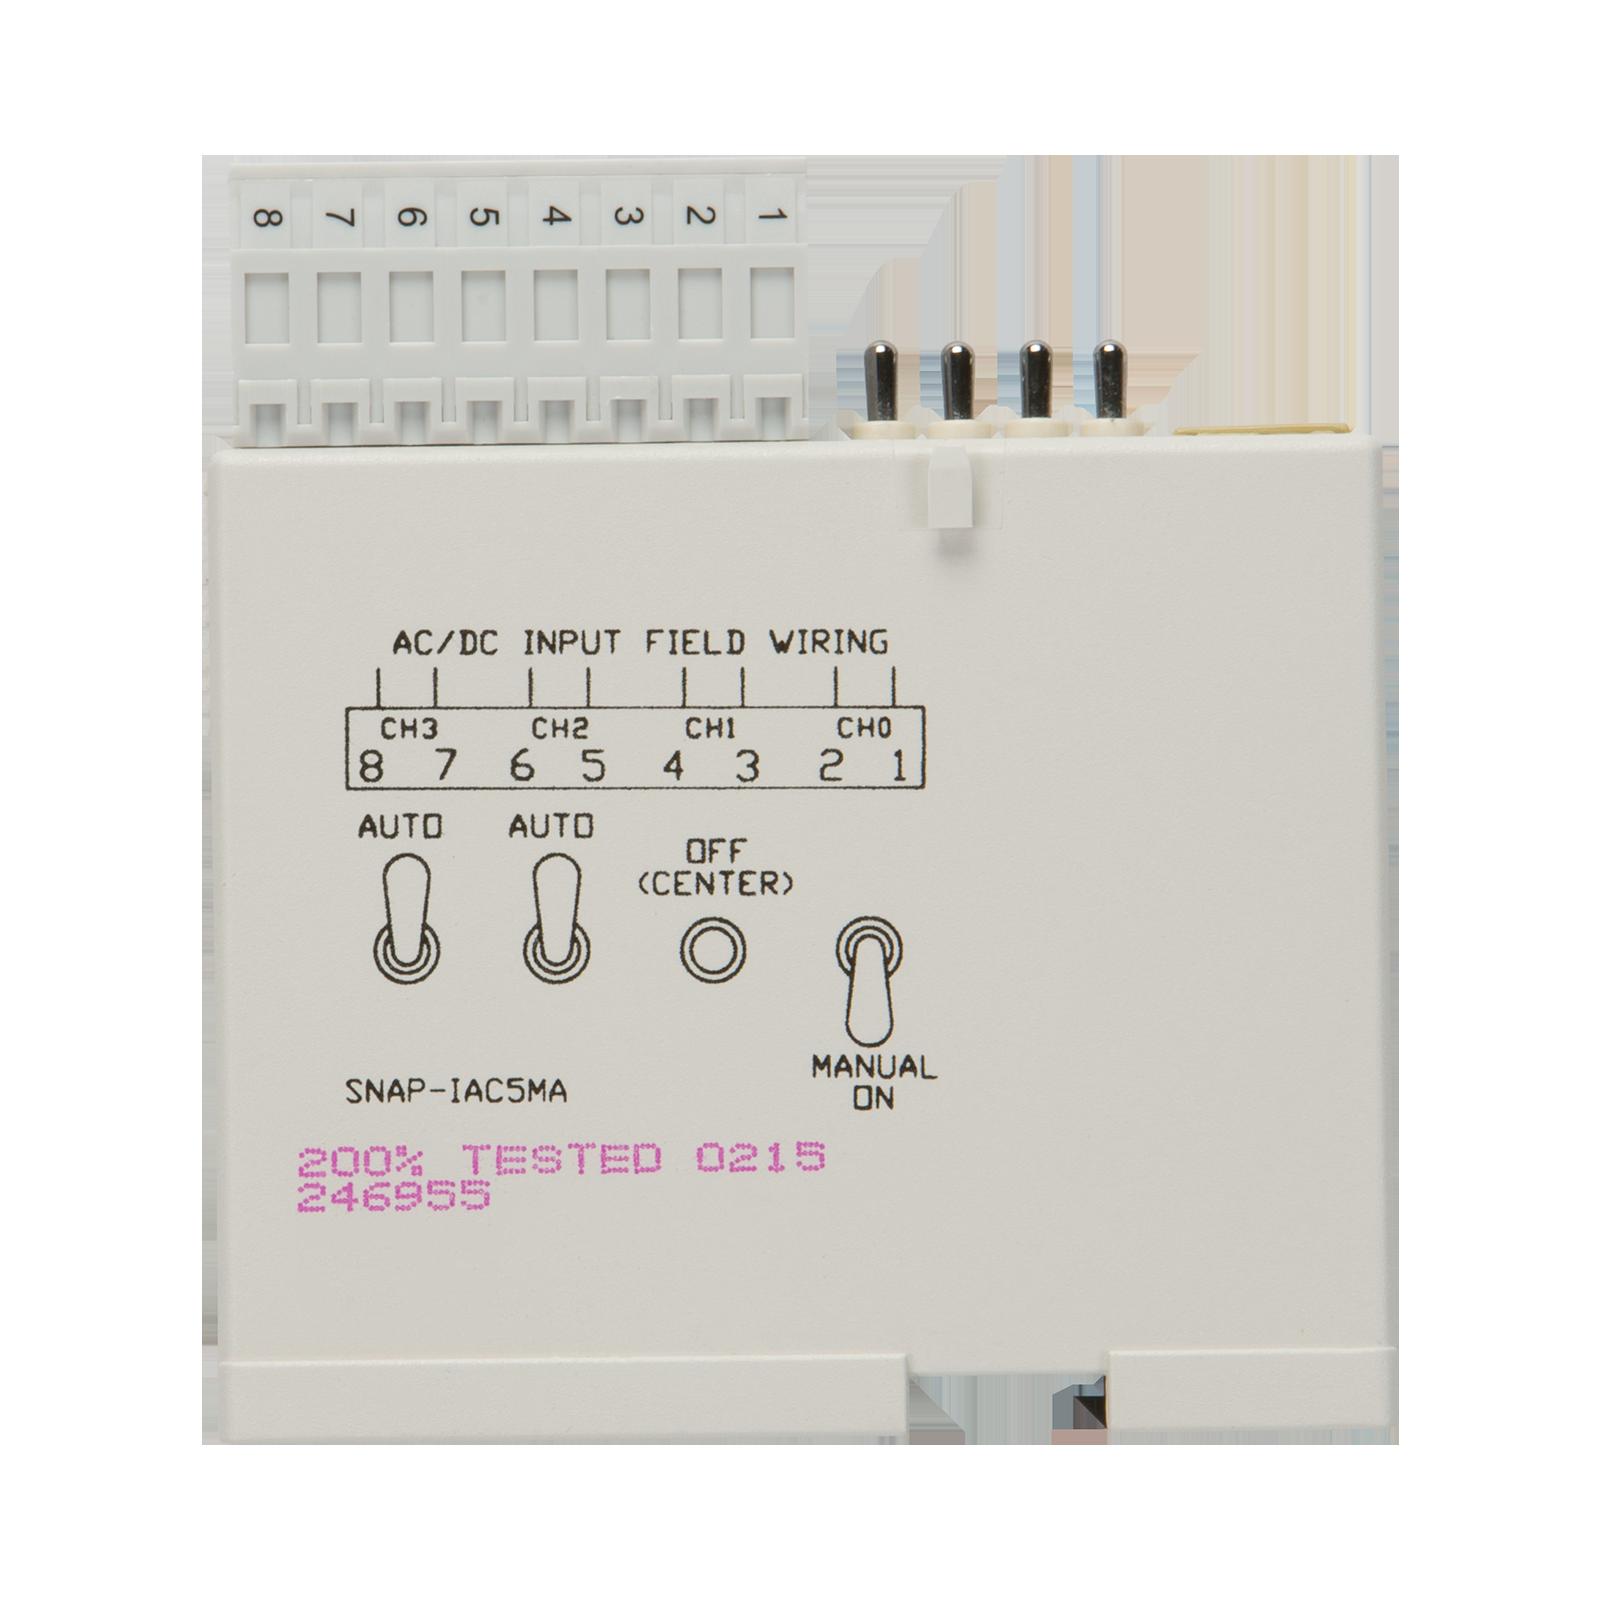 Opto22 Snap Iac5ma 4 Ch Isolated 90 140 Vac Vdc Digital Circuits Manual Previous